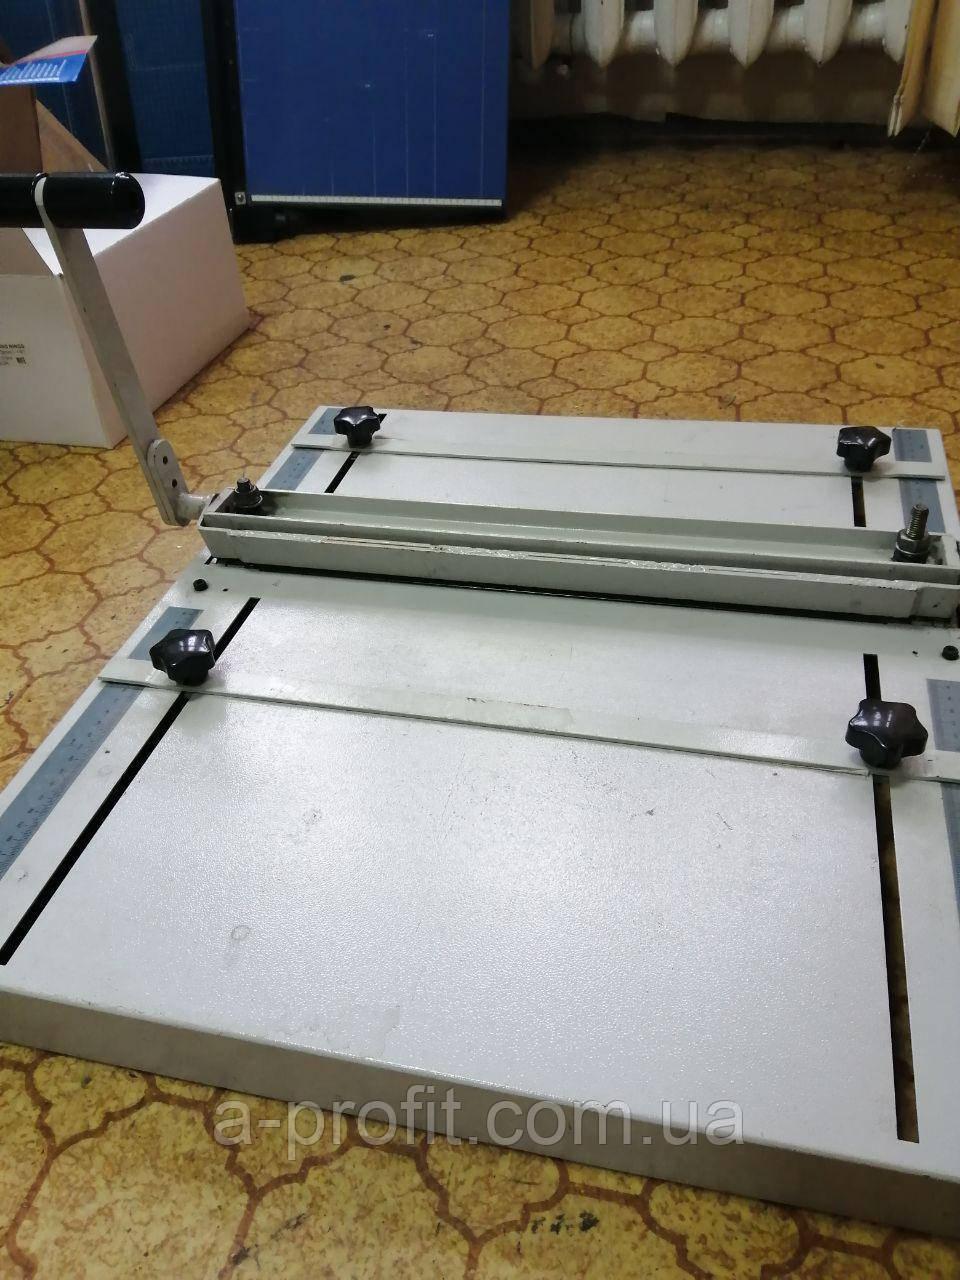 Биговальный станок CM-420